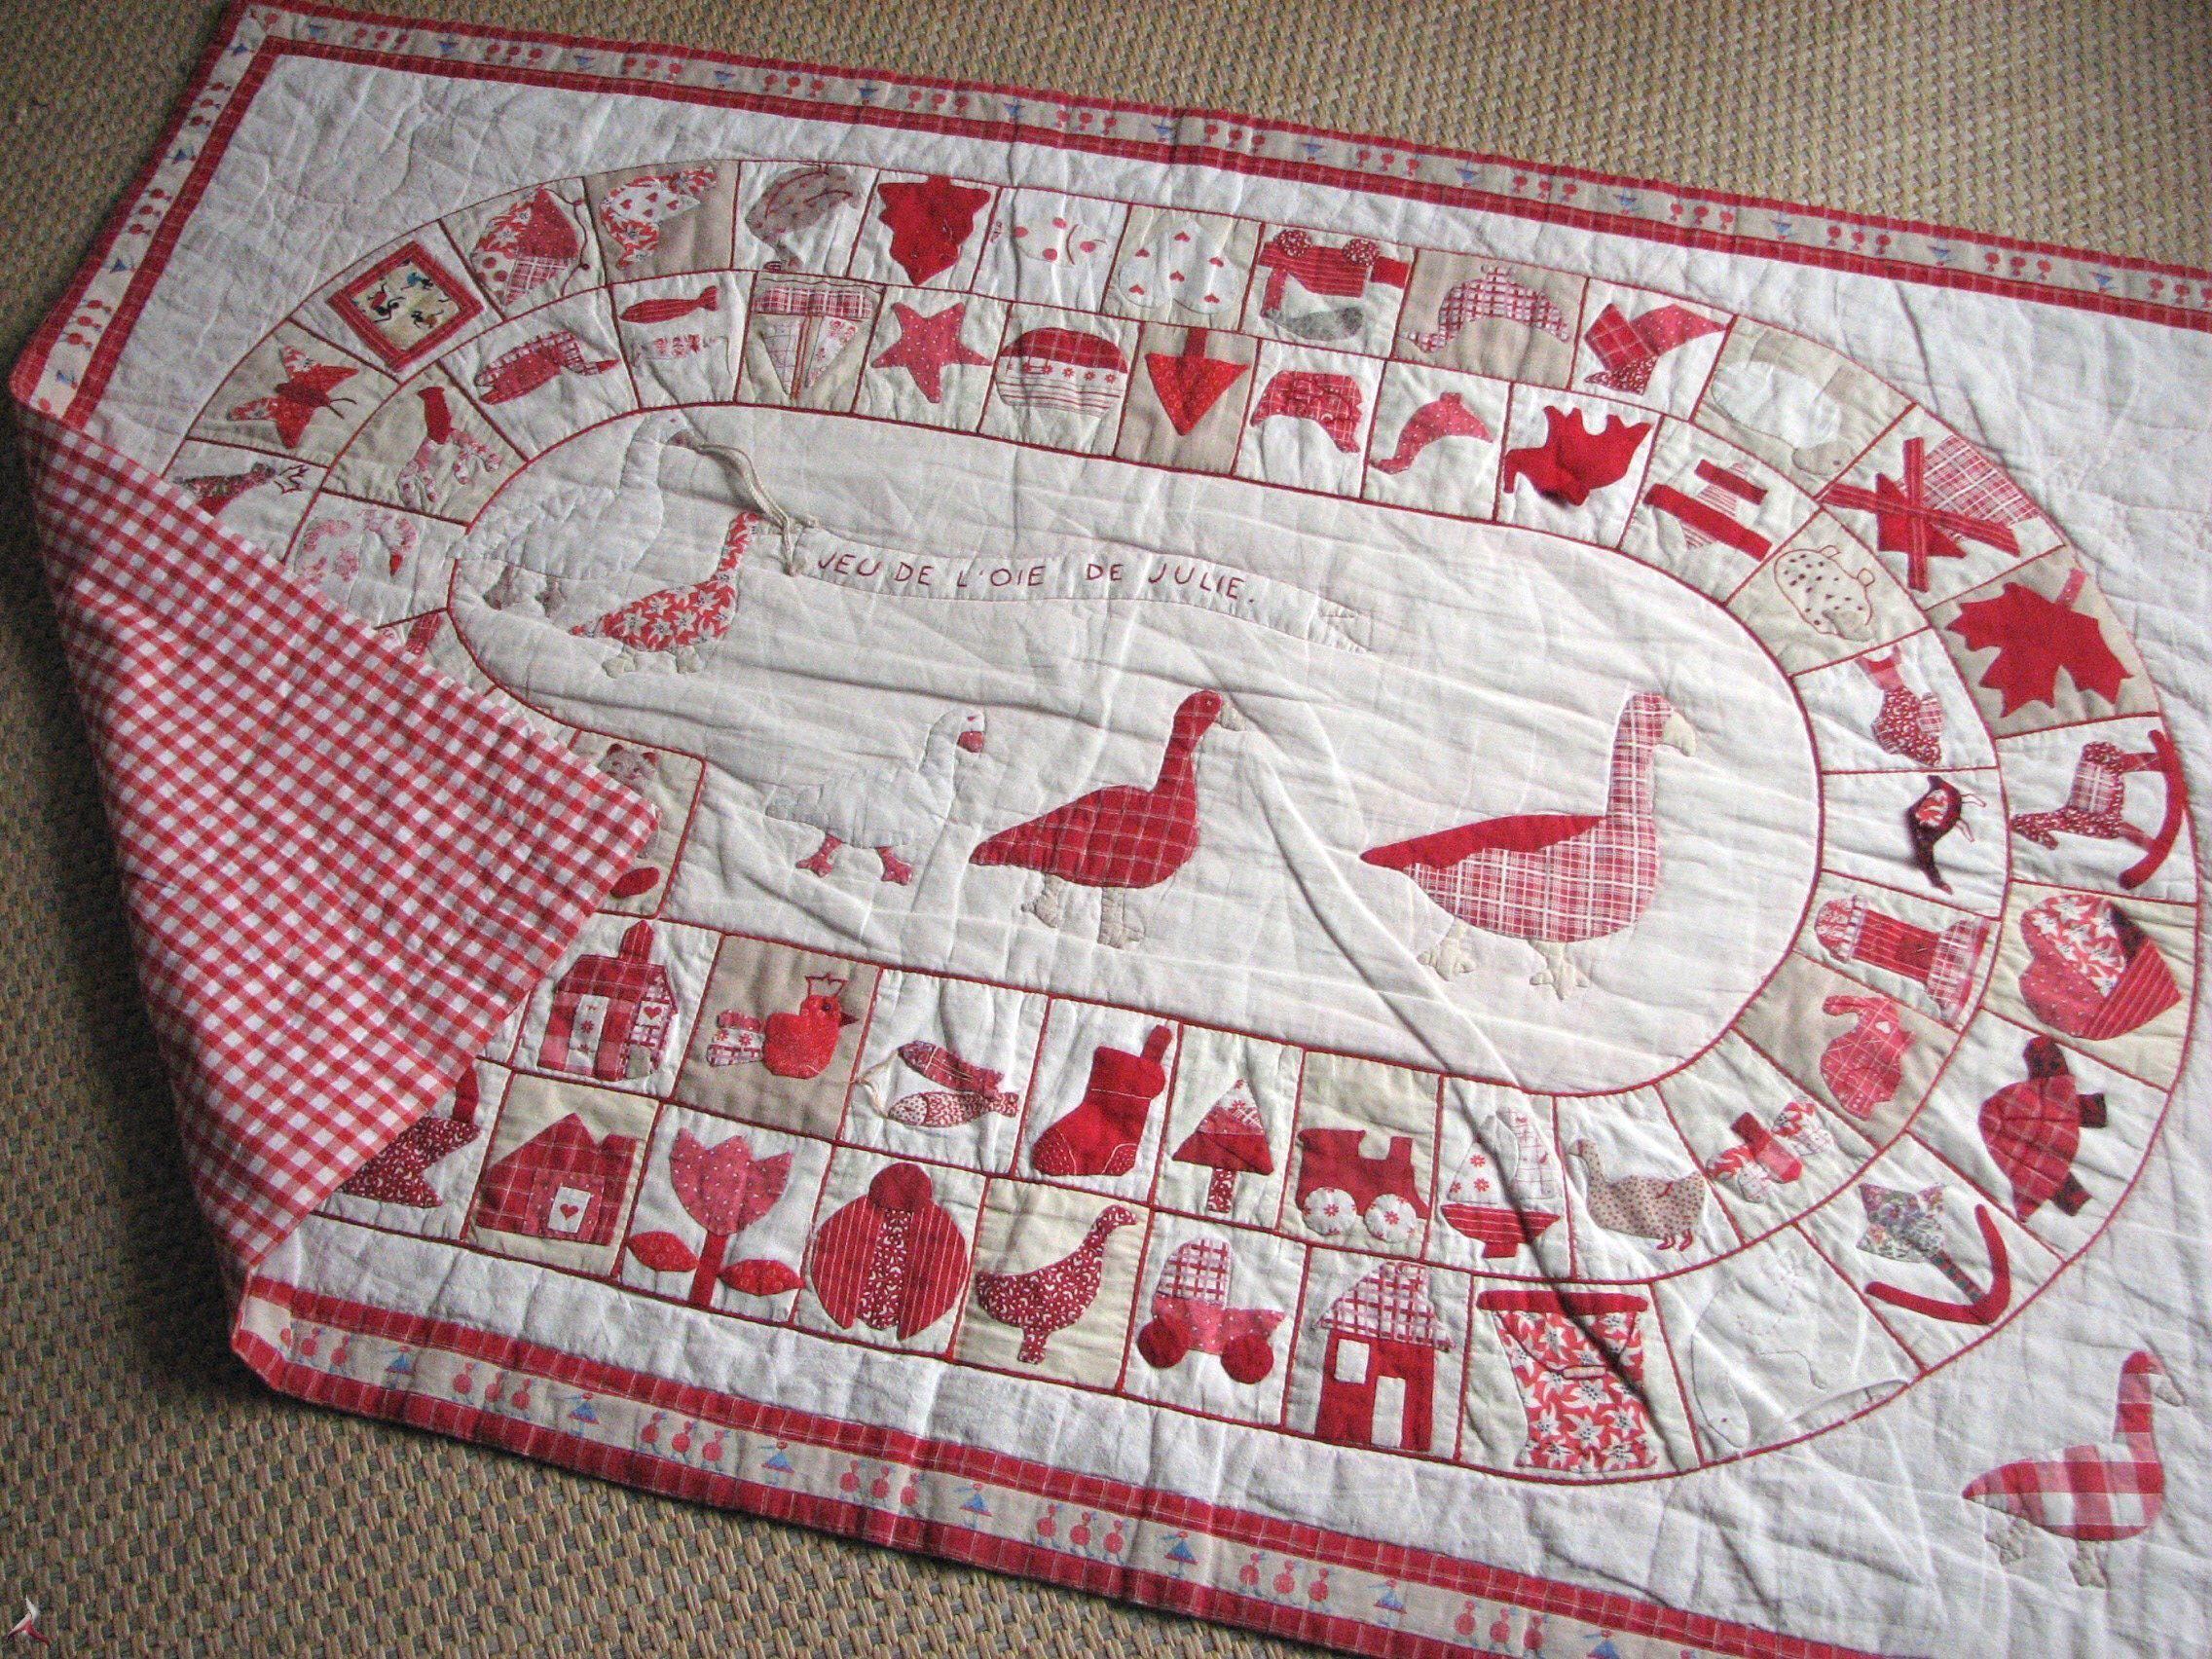 le jeu de l 39 oie tapis jeu enfants patchwork appliqu. Black Bedroom Furniture Sets. Home Design Ideas